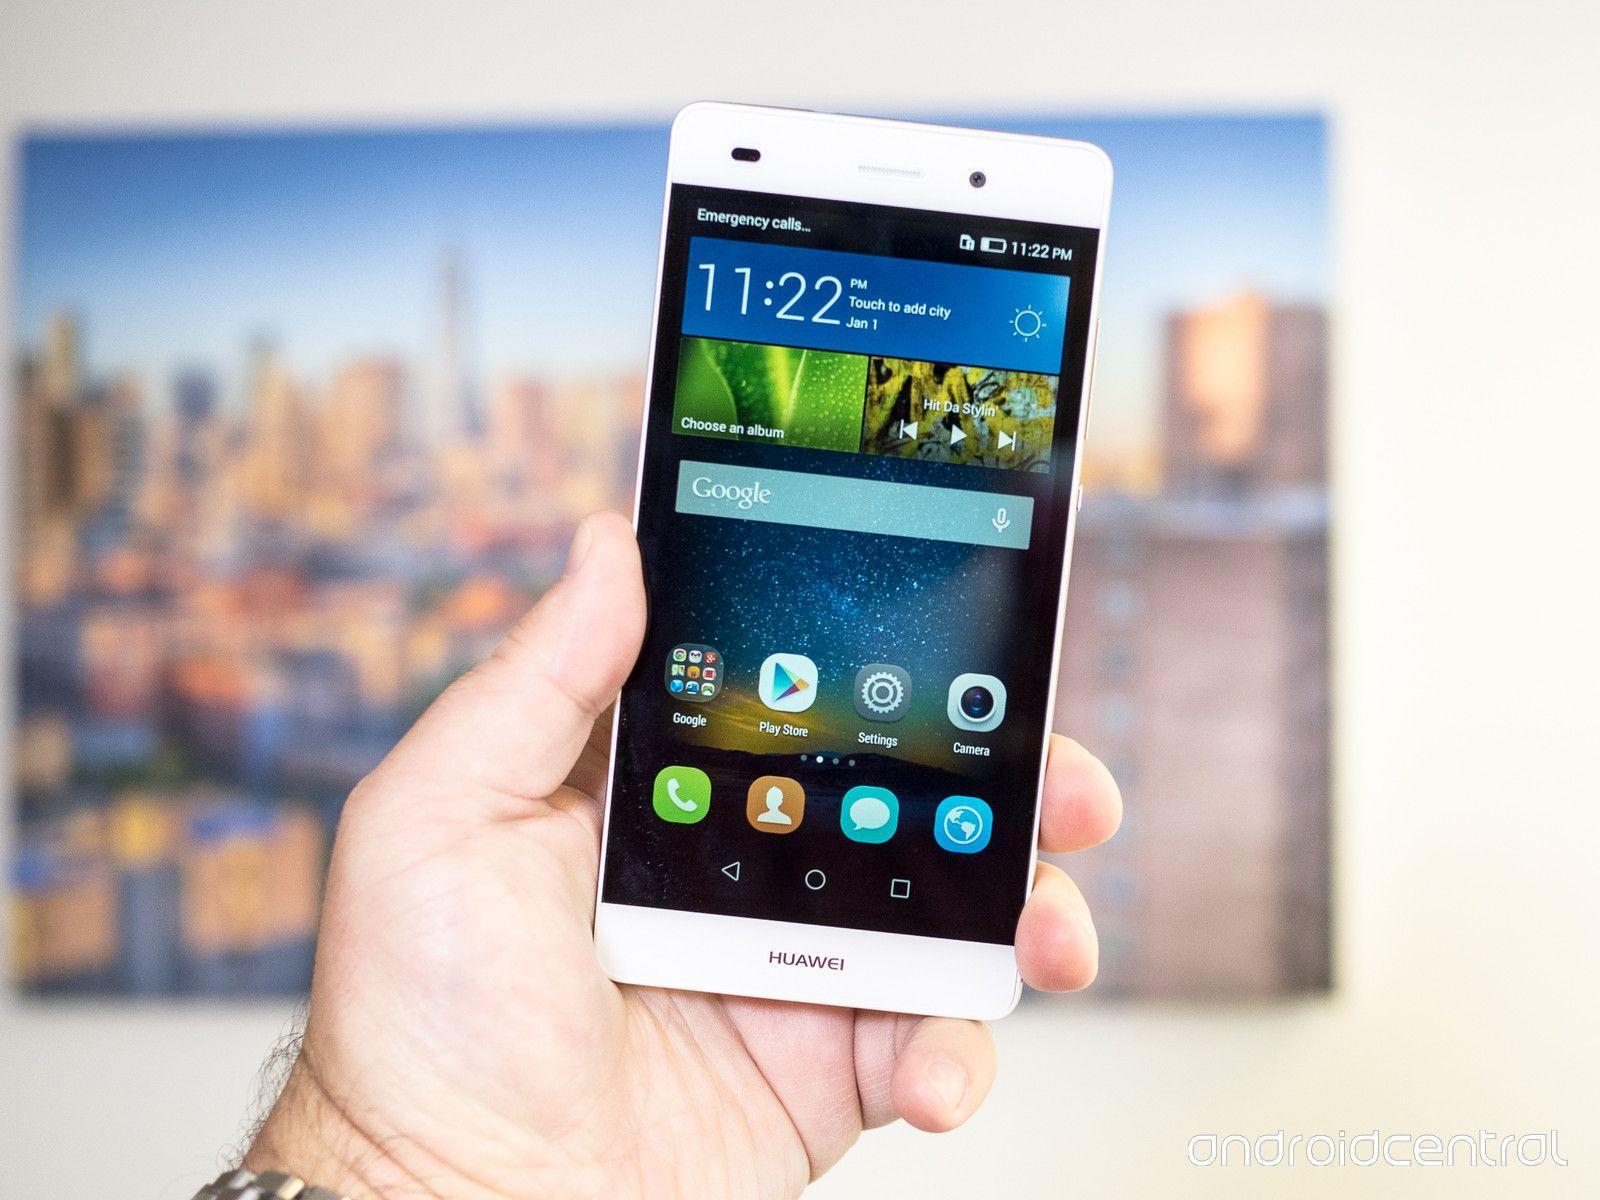 Come fare uno screenshot con smartphone Huawei